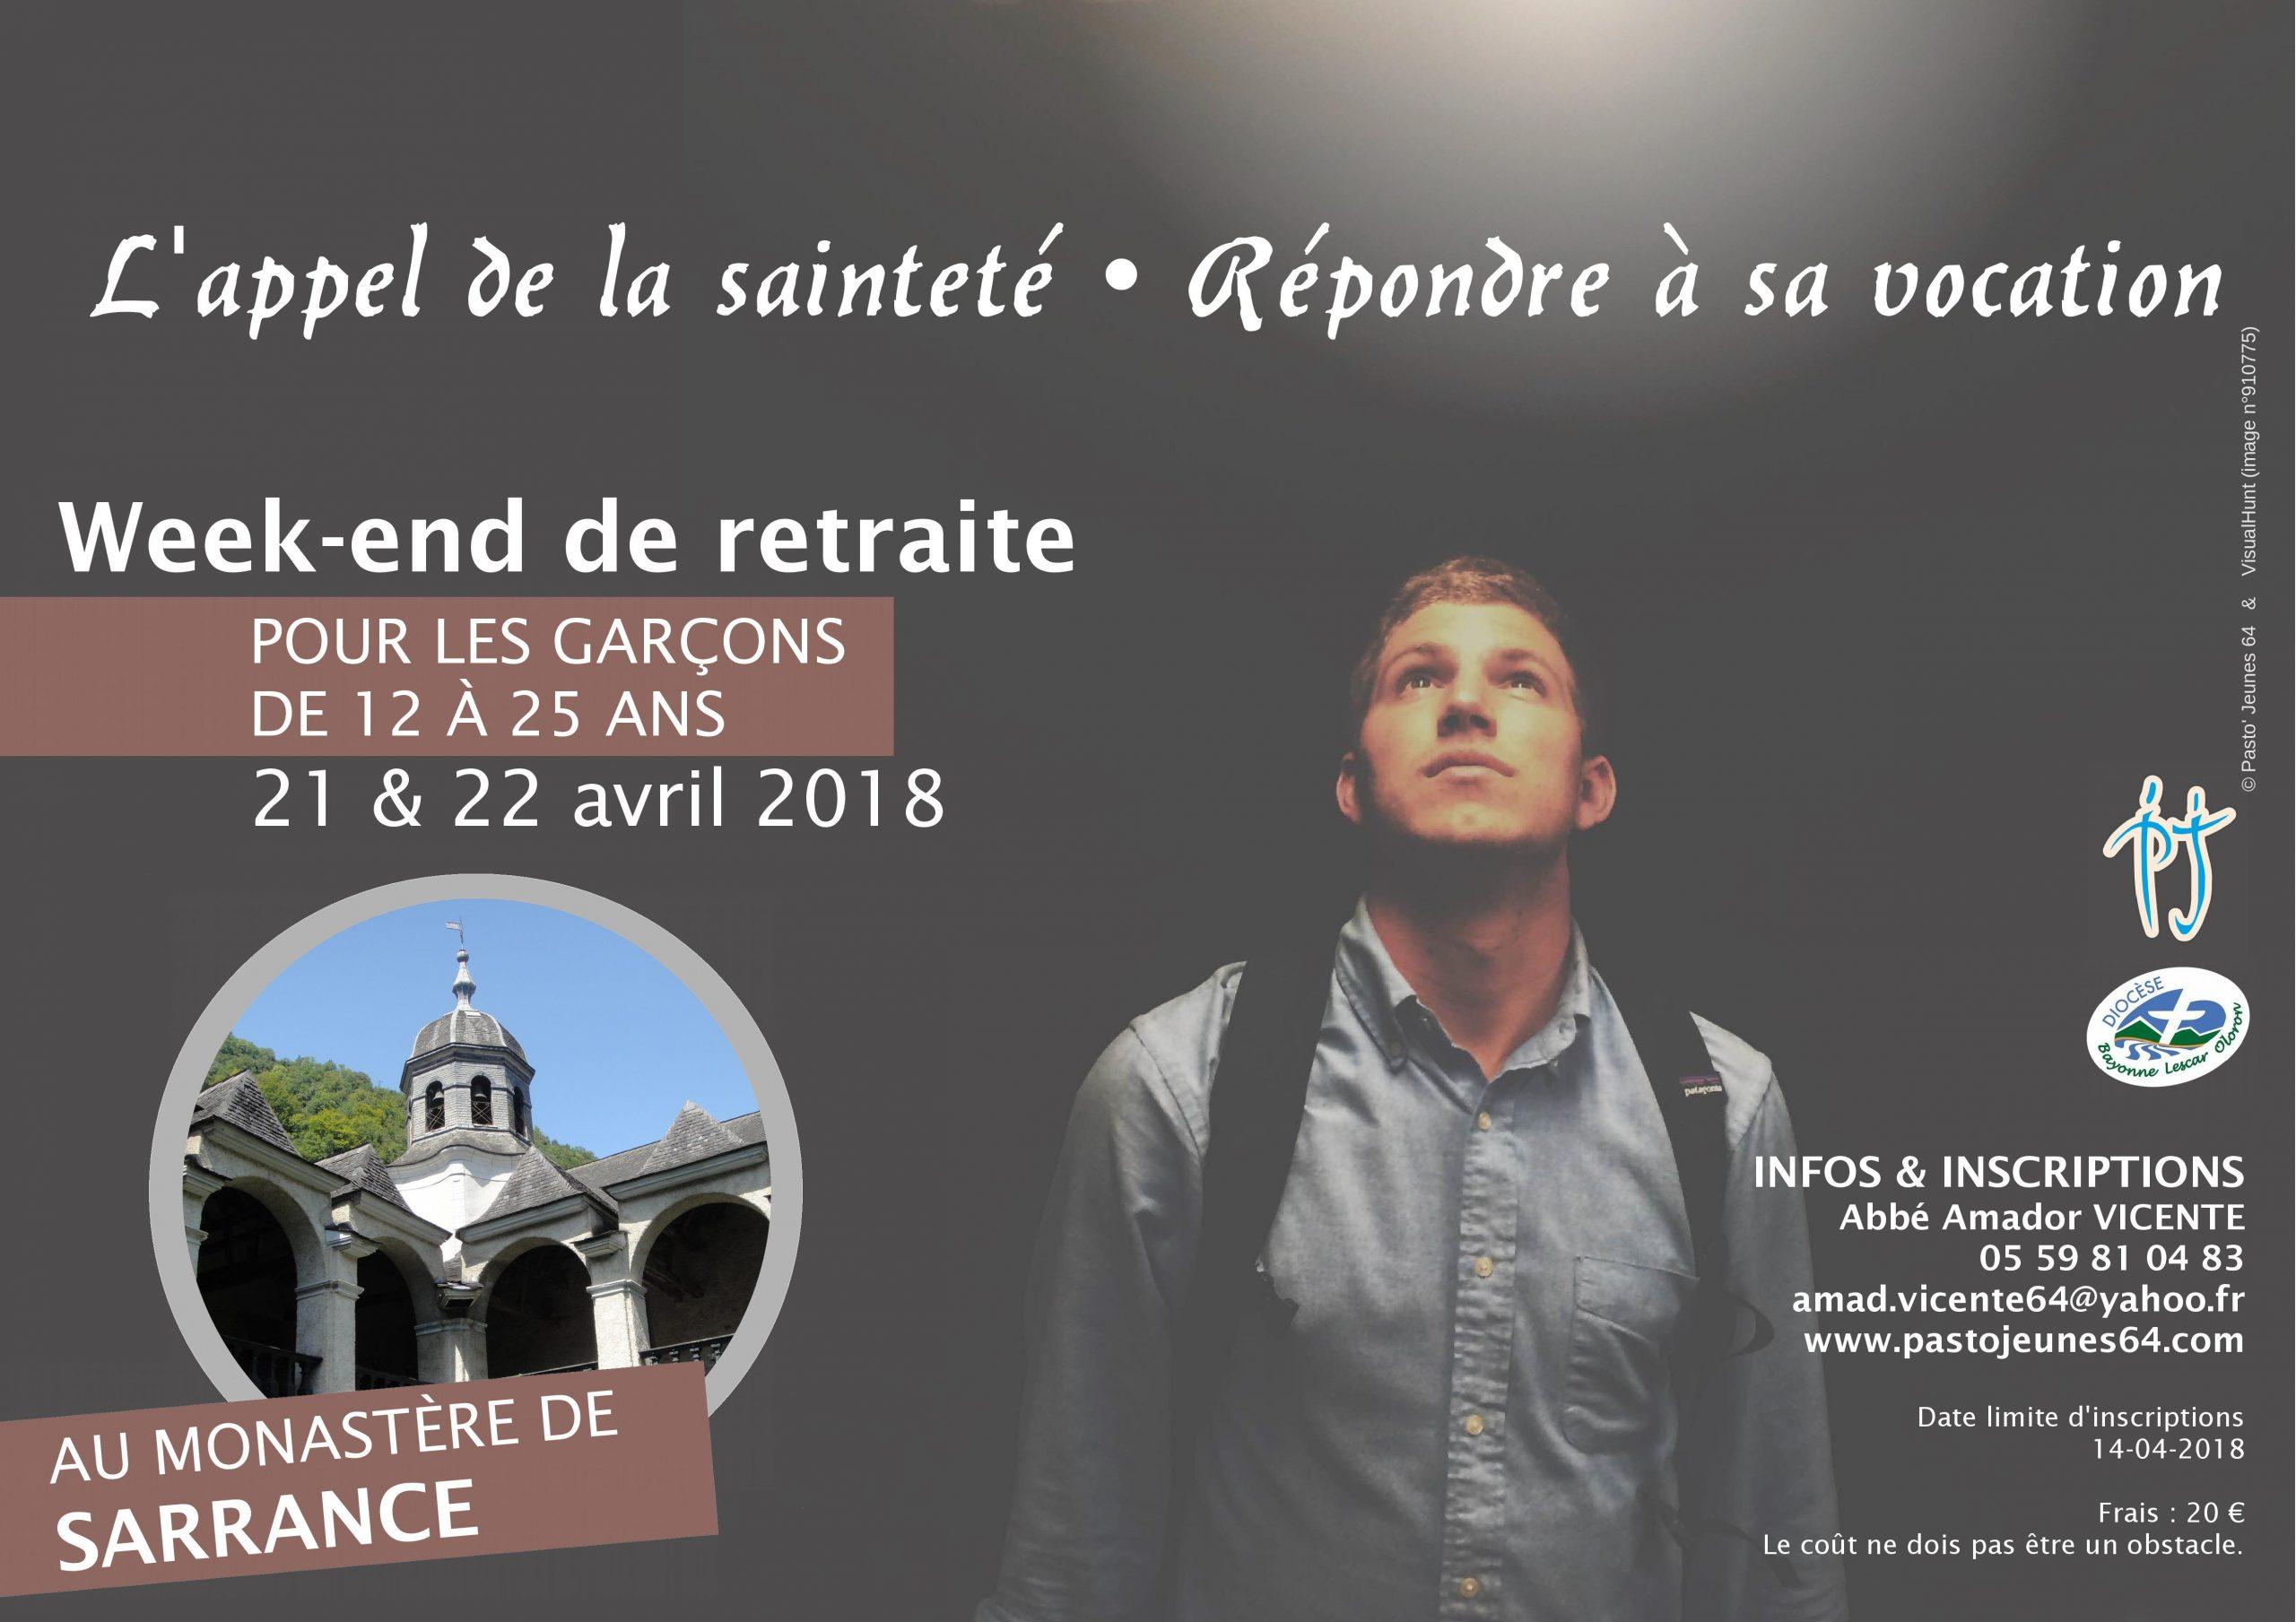 Week-end de retraite pour garçons les 21 et 22 avril 2018 à Sarrance (64)